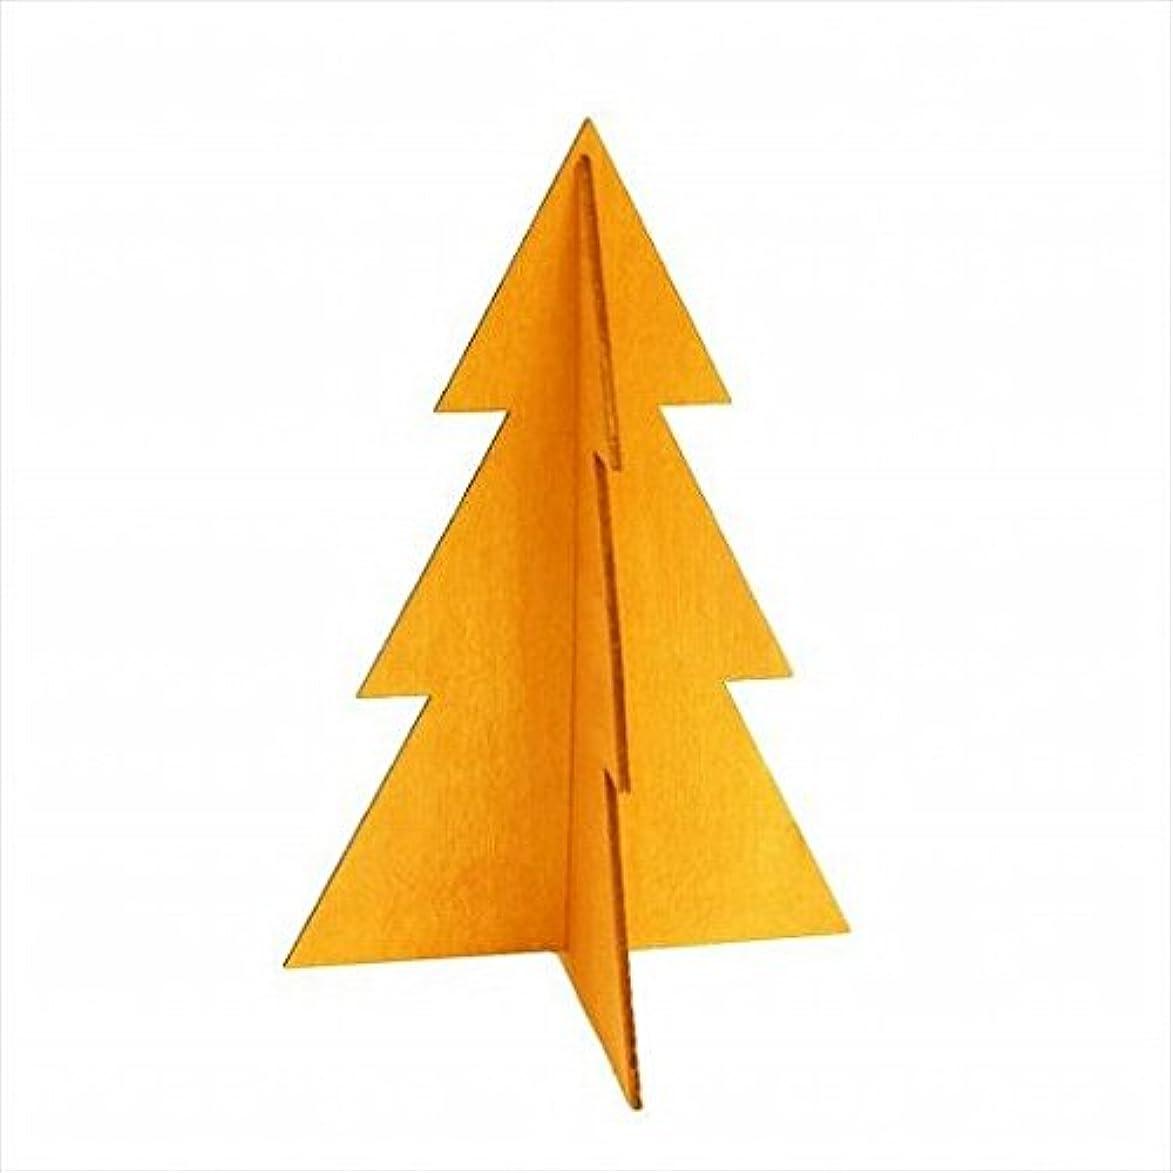 プラカードカエルベンチkameyama candle(カメヤマキャンドル) フェスティブツリーM 「 オレンジ 」 キャンドル 144x144x210mm (I882243009)